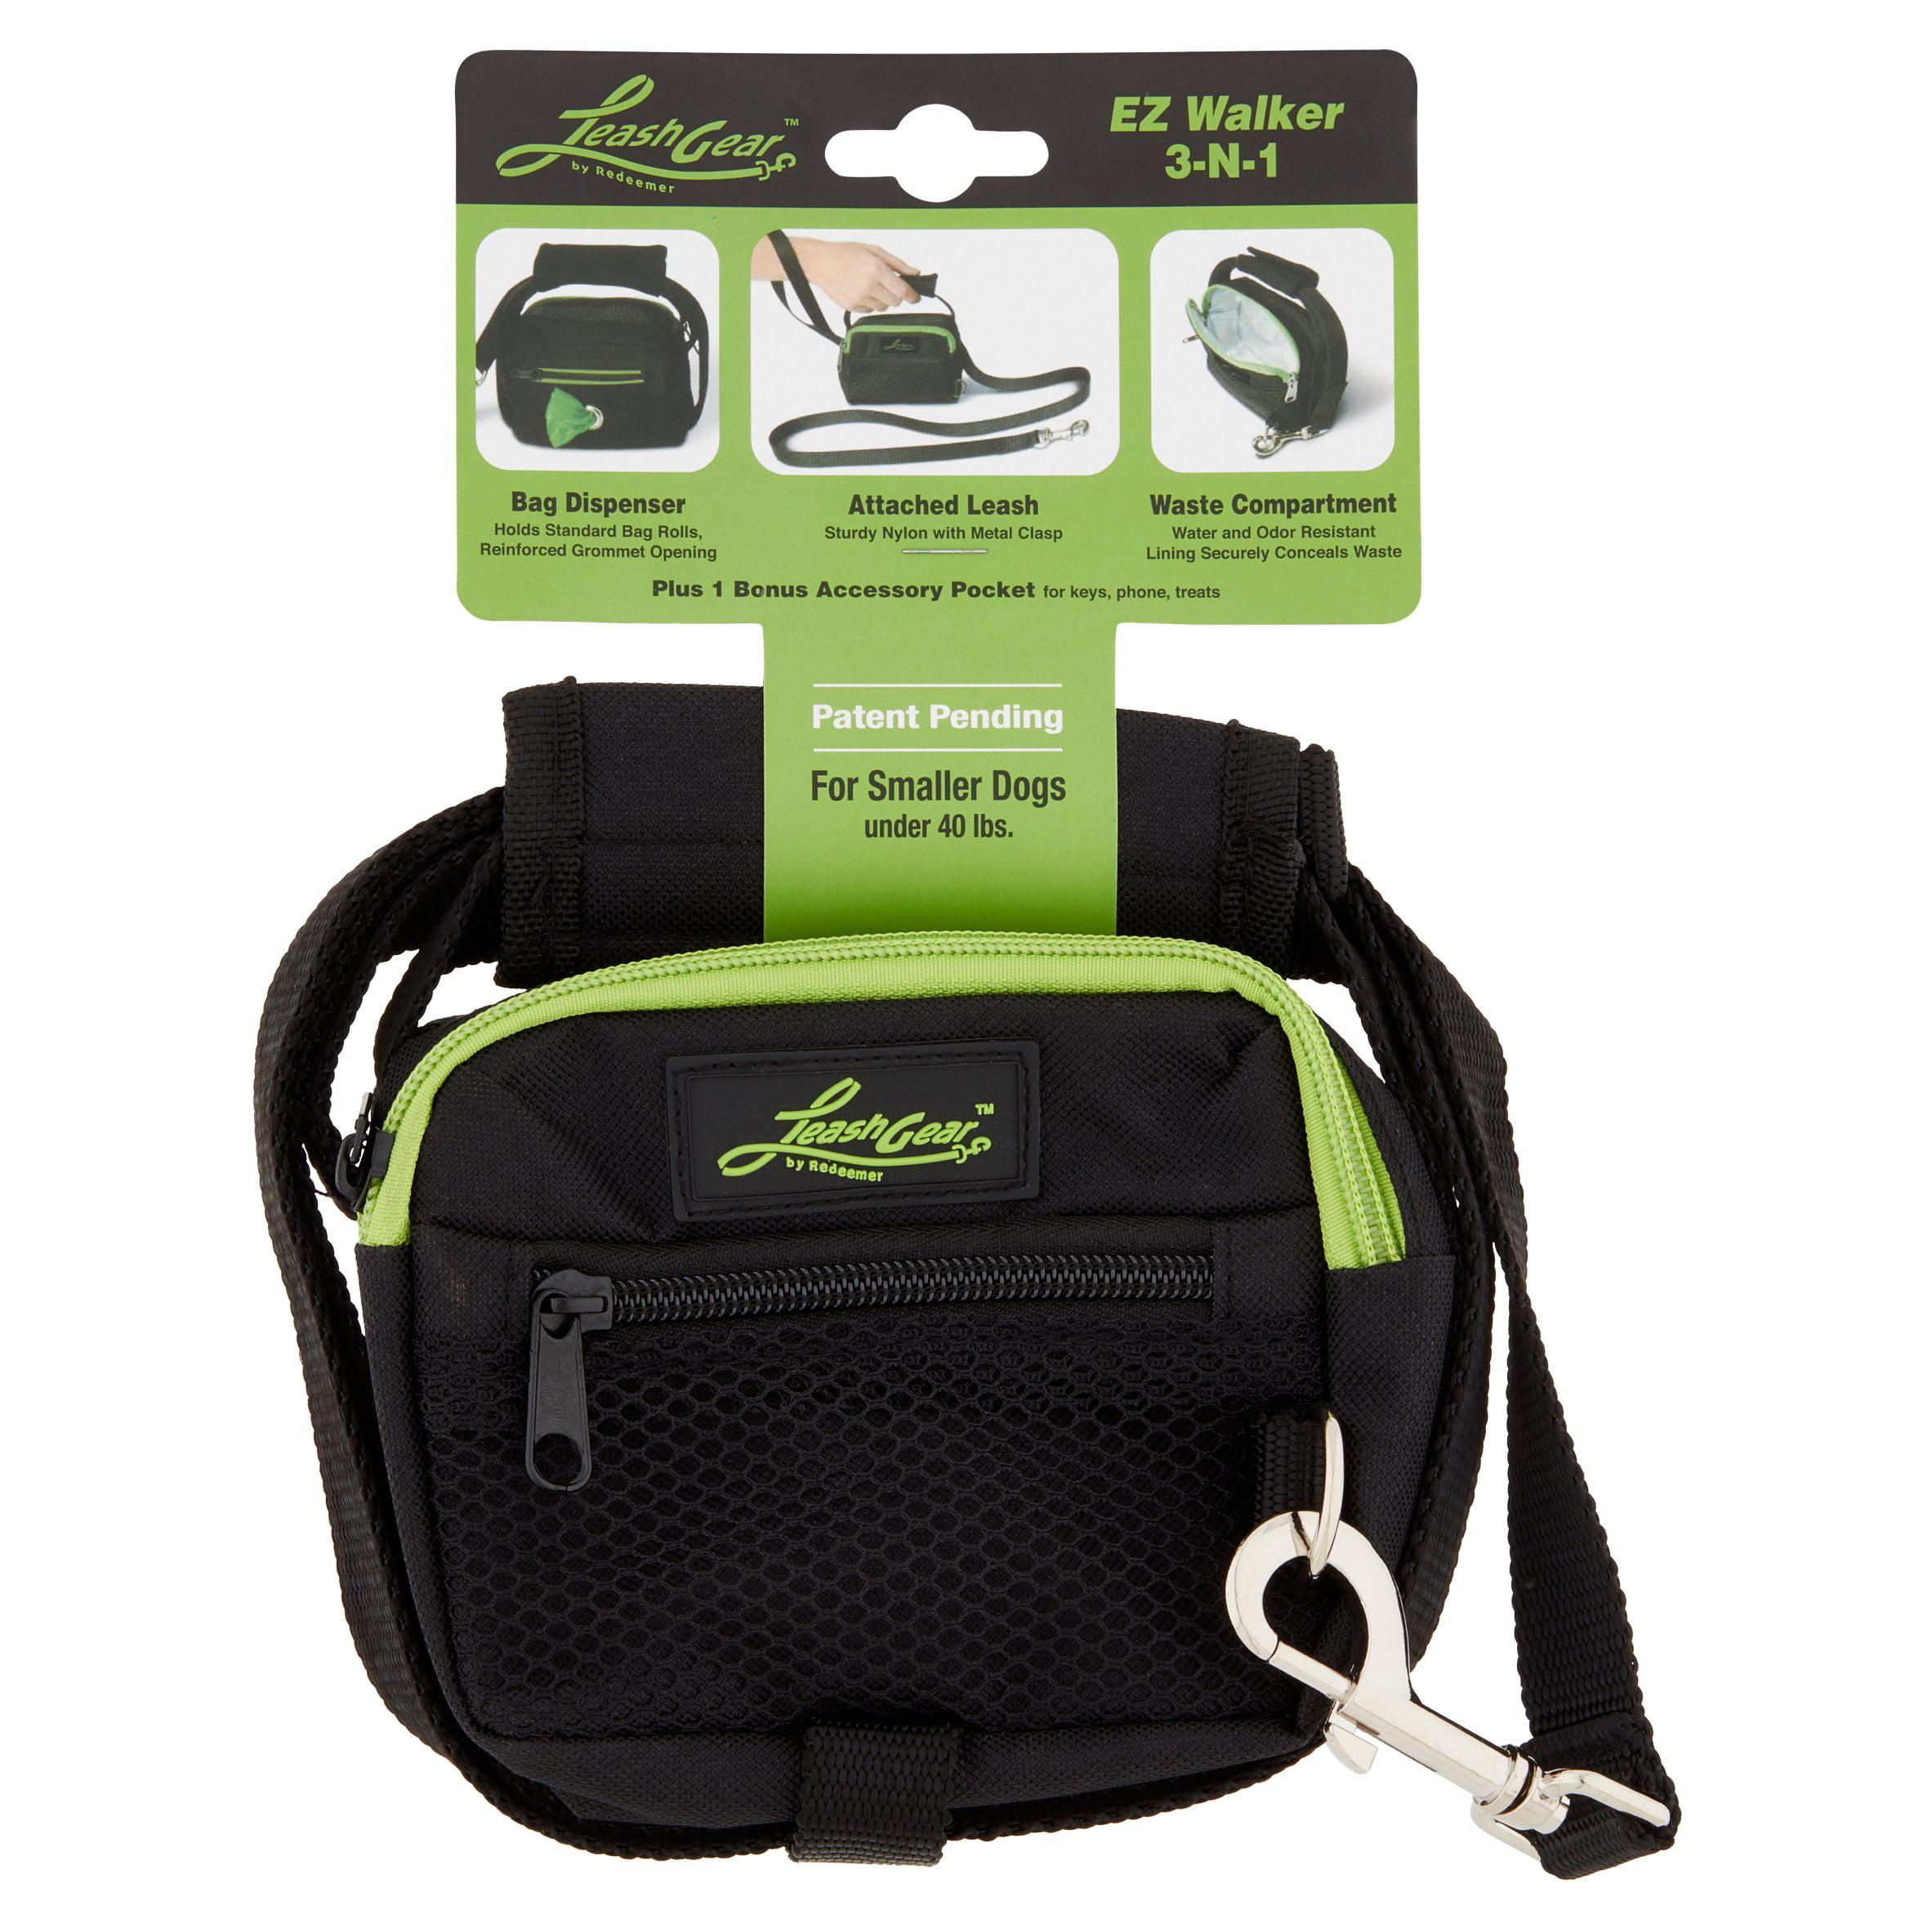 Leash Gear EZ Walker 3-N-1 for Smaller Dogs Under 40 lbs